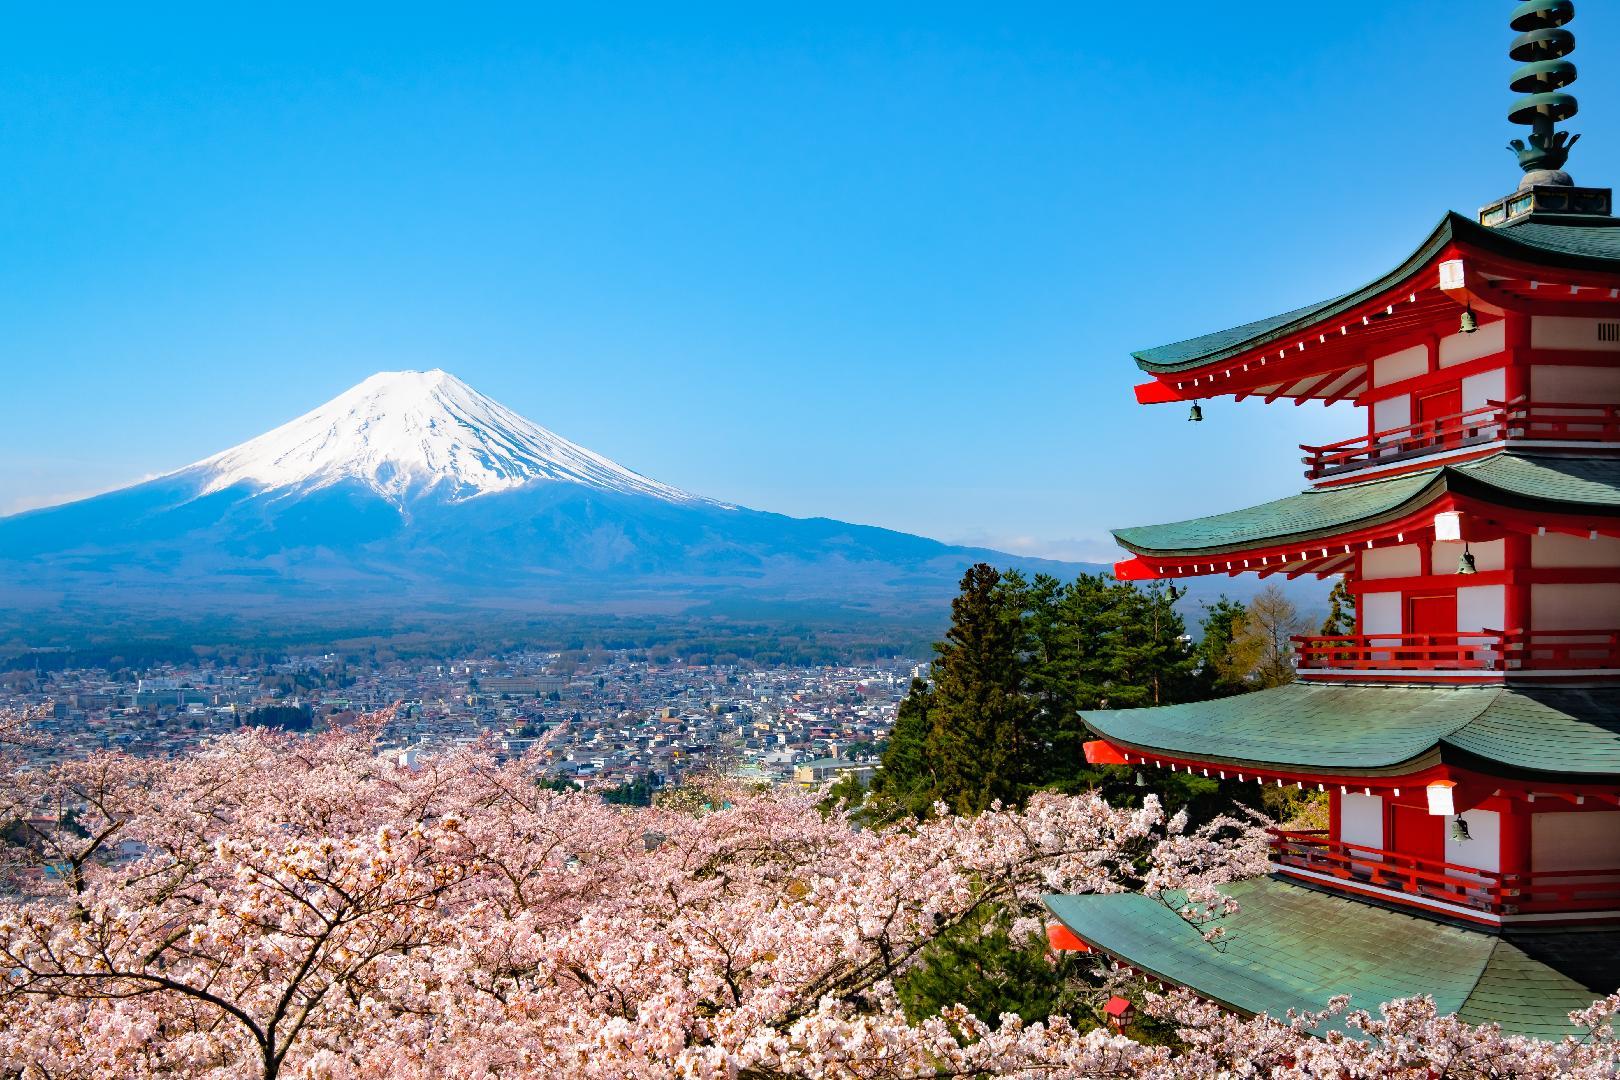 viajes que debes hacer - japón